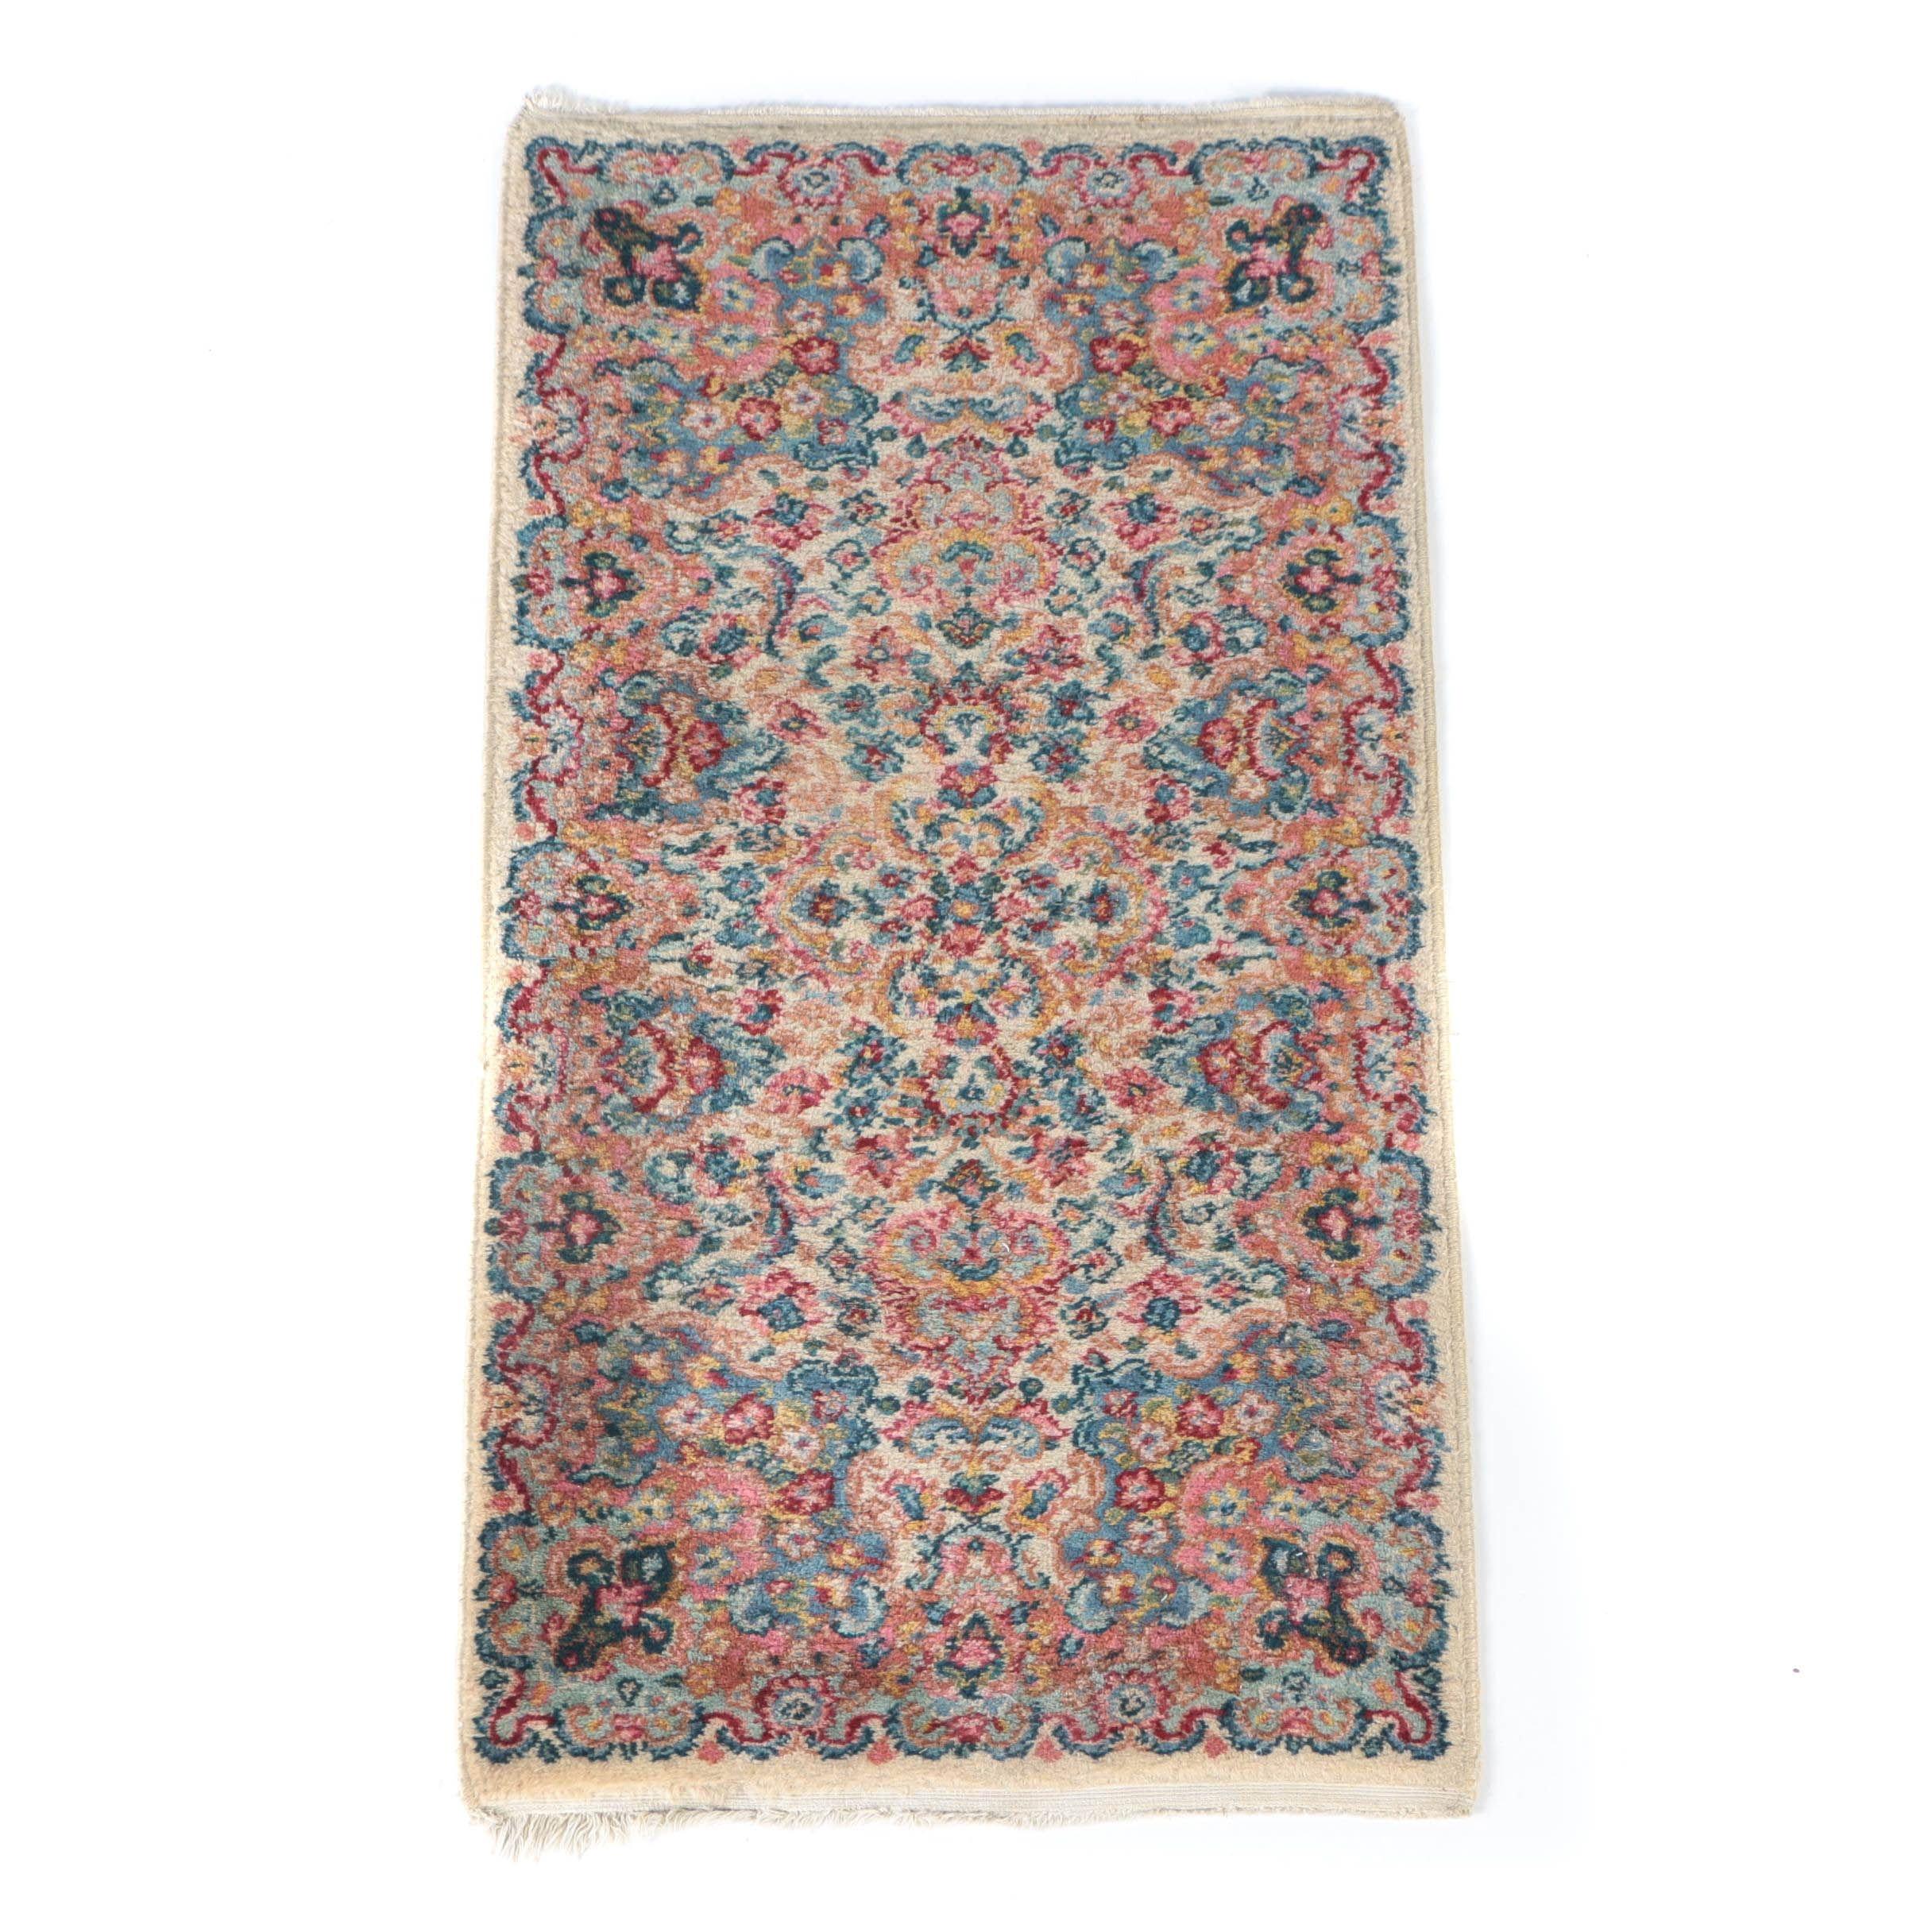 Vintage Power-Loomed Kerman-Style Wool Area Rug